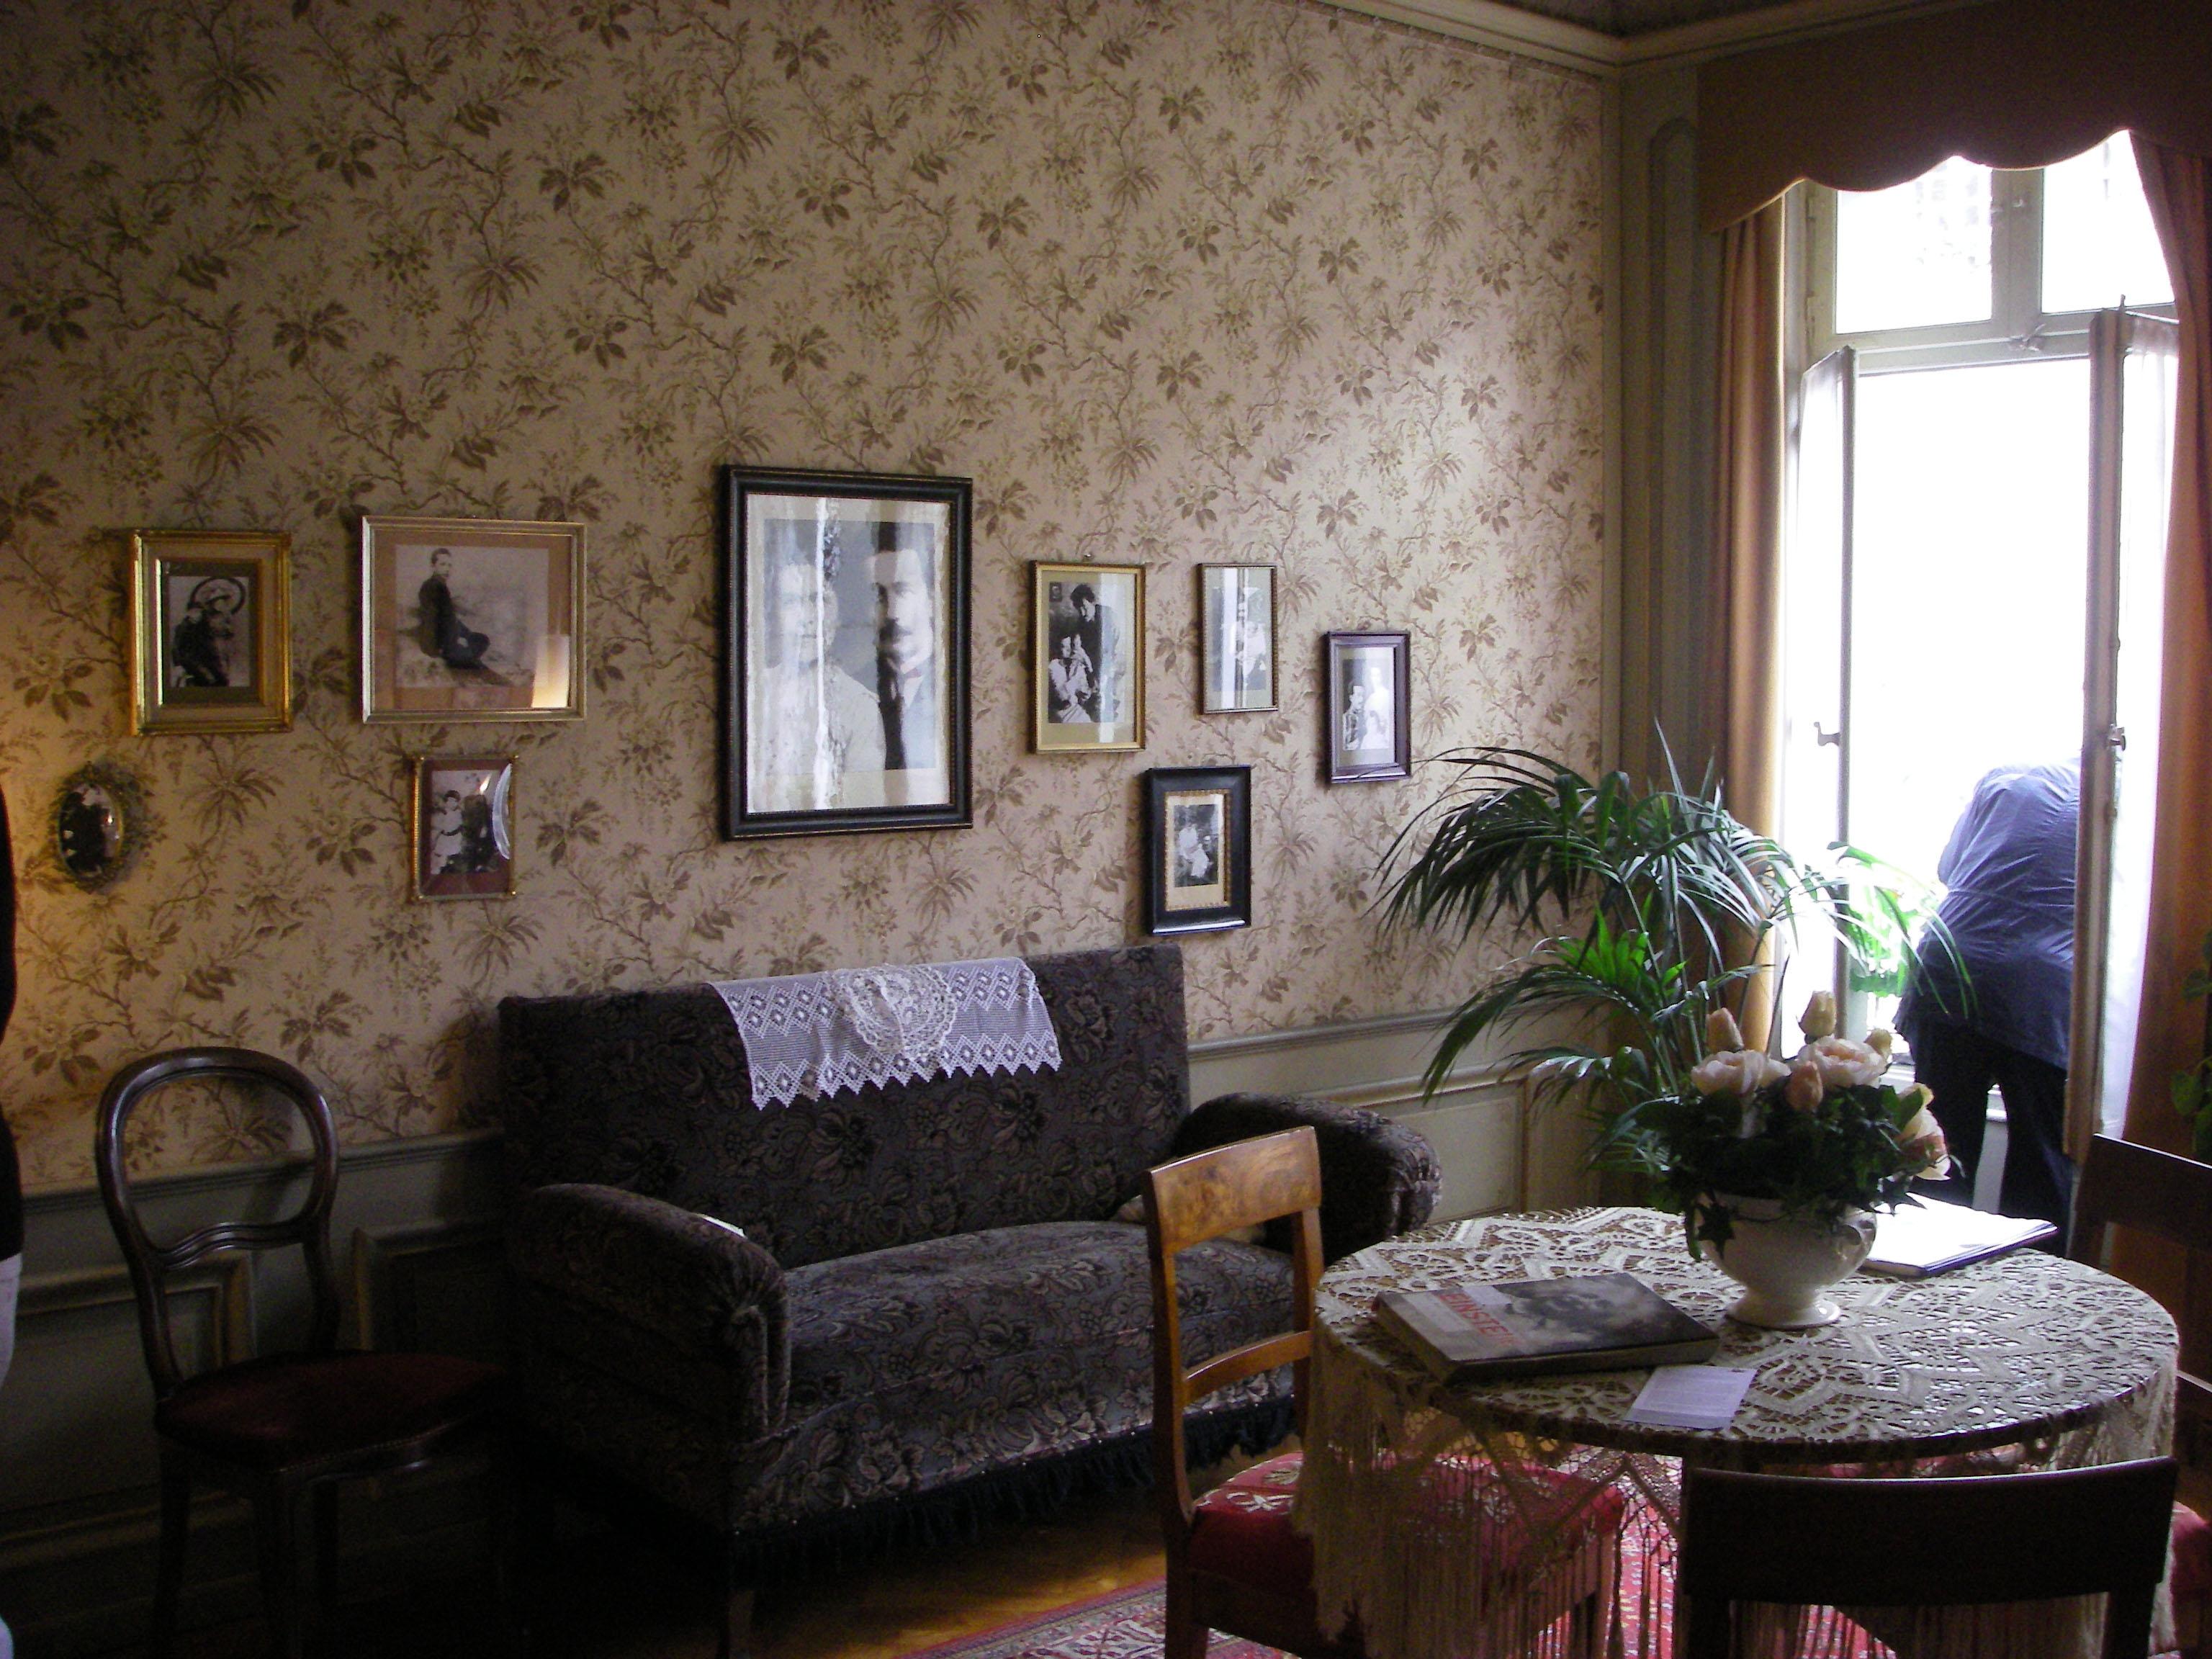 Albert Einstein S House In Bern Switzerland Image Free